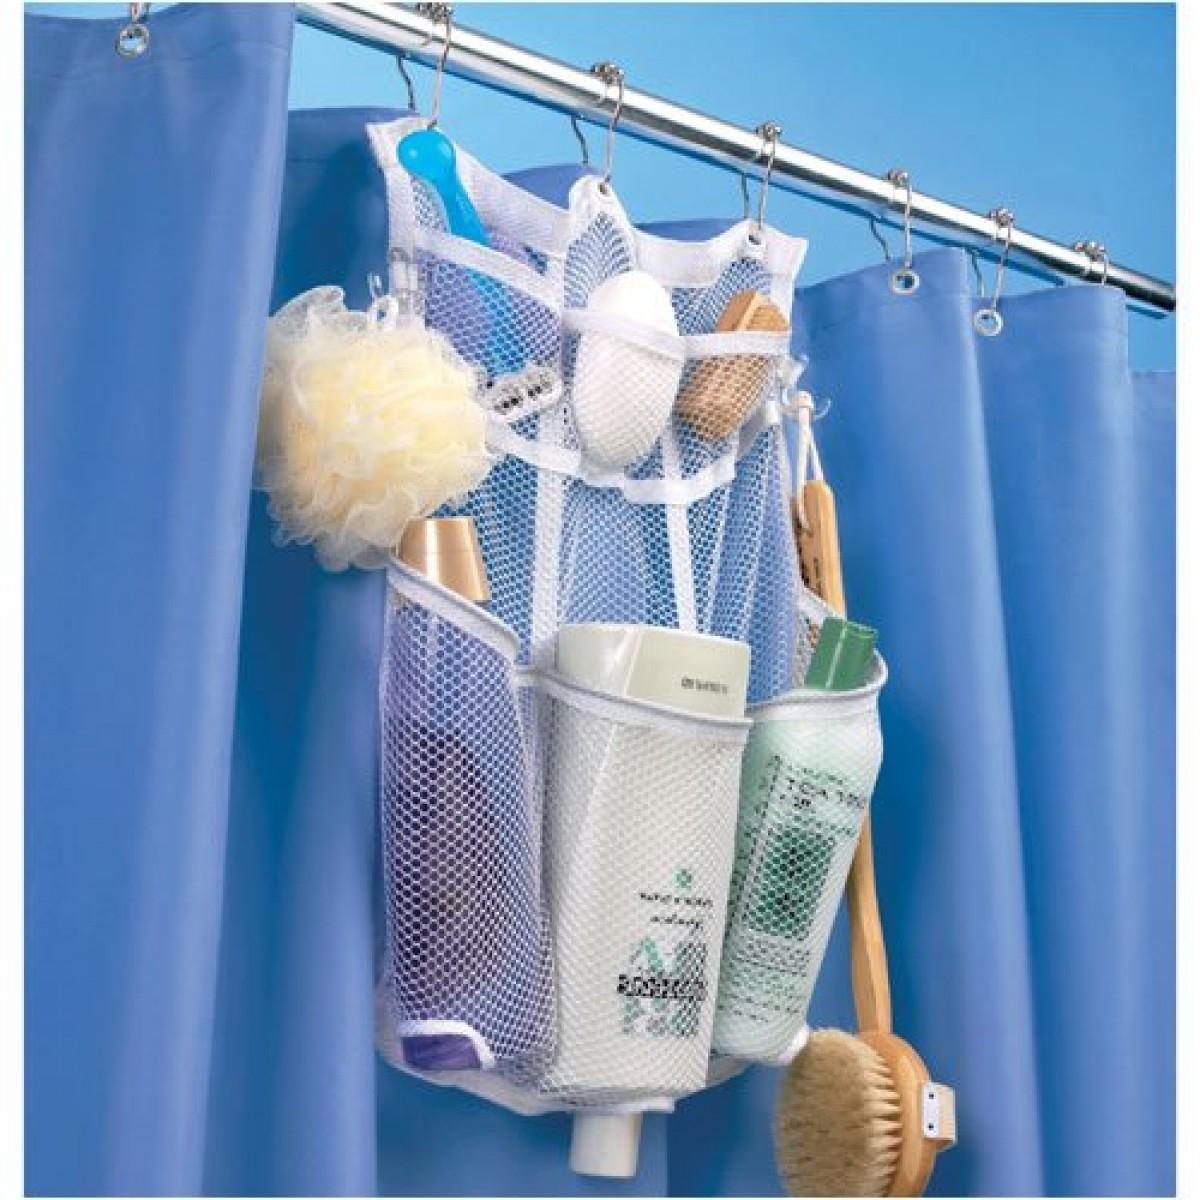 Great Bath Shower Accessories Shower Caddies Mesh Shower Rod Organizer